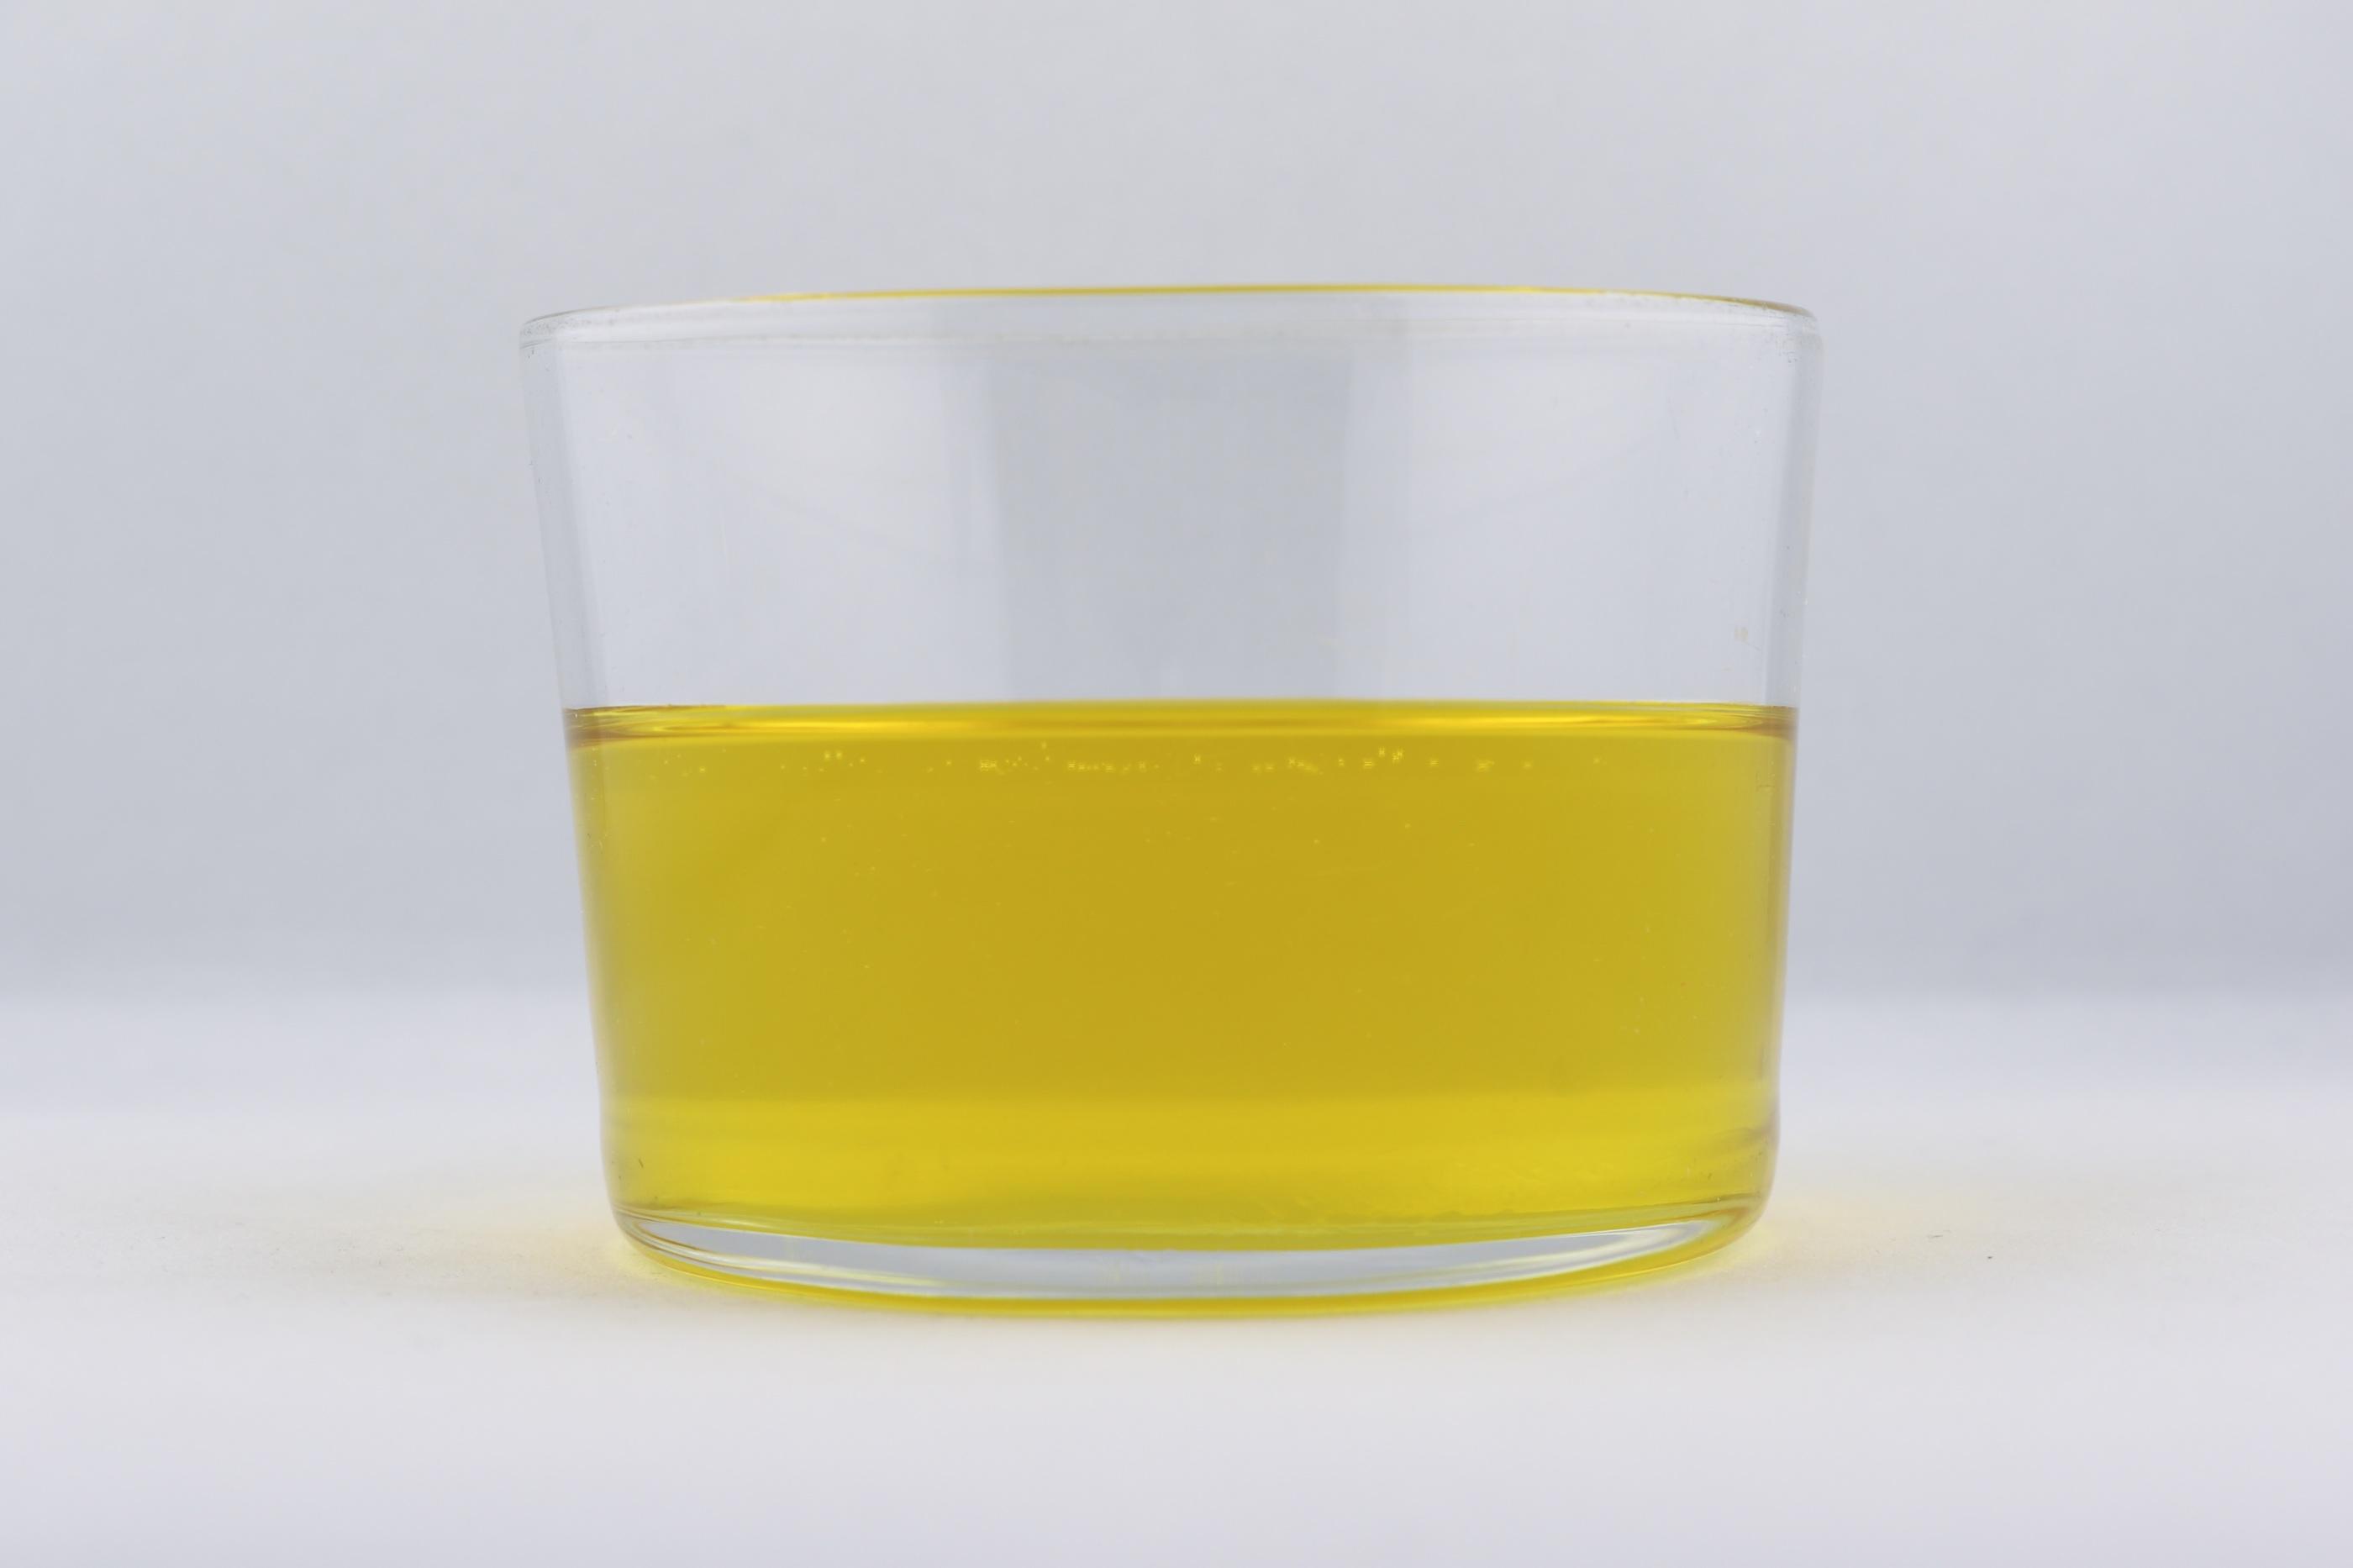 Mogen Sesamolja wellness ayurveda halmstad sweden svensk massage olja matolja lösvikt